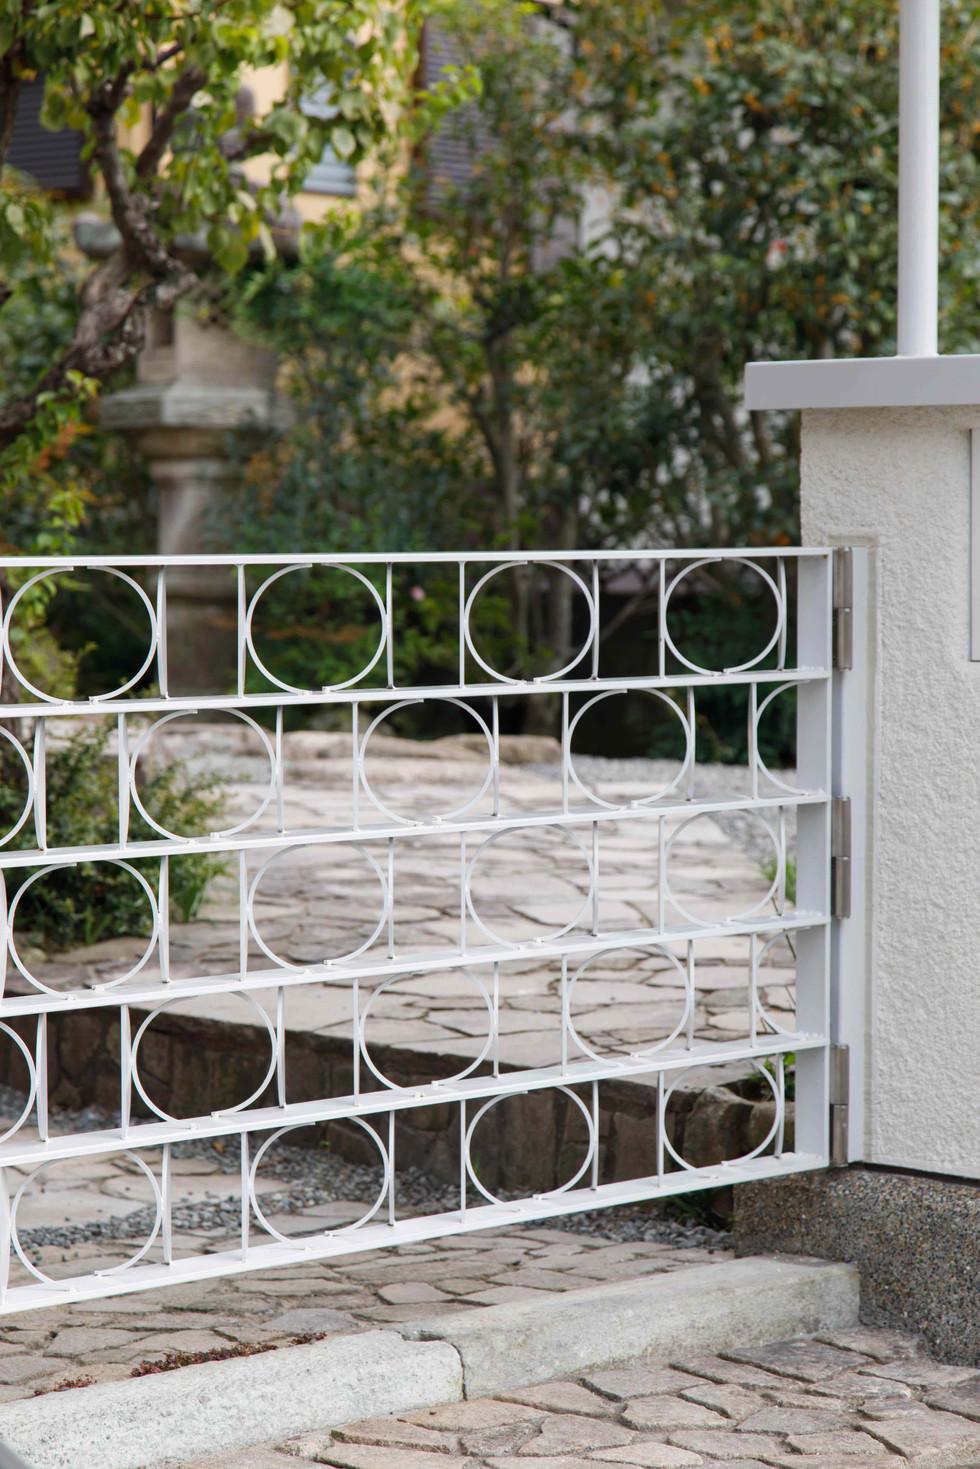 間の門_Between the gate_4